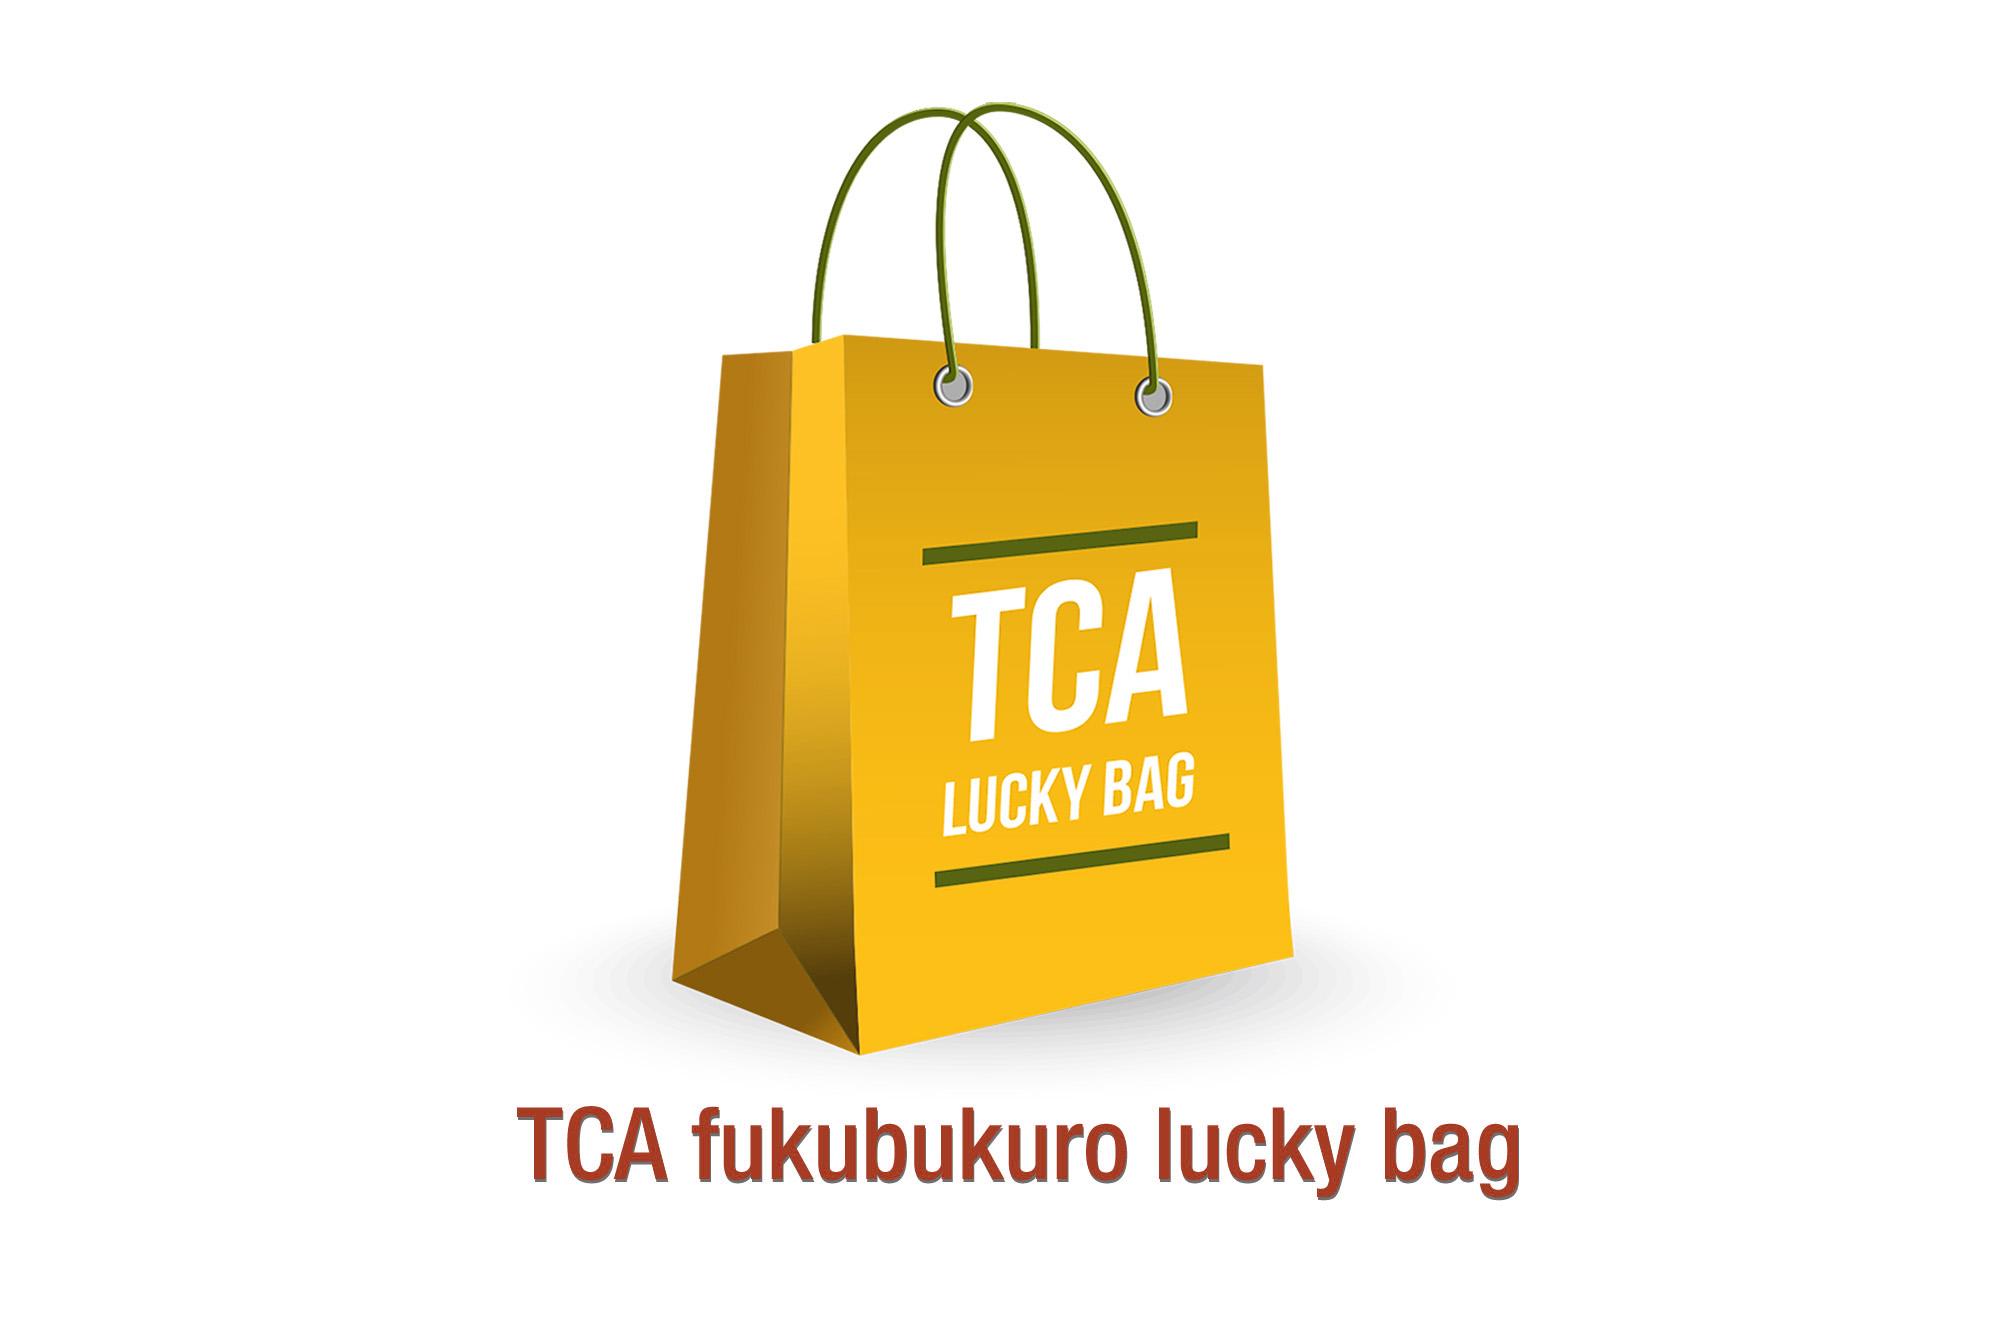 TCA fukubukuro lucky bag (ถุงสุ่มถุงโชคดีของขวัญพิเศษ)